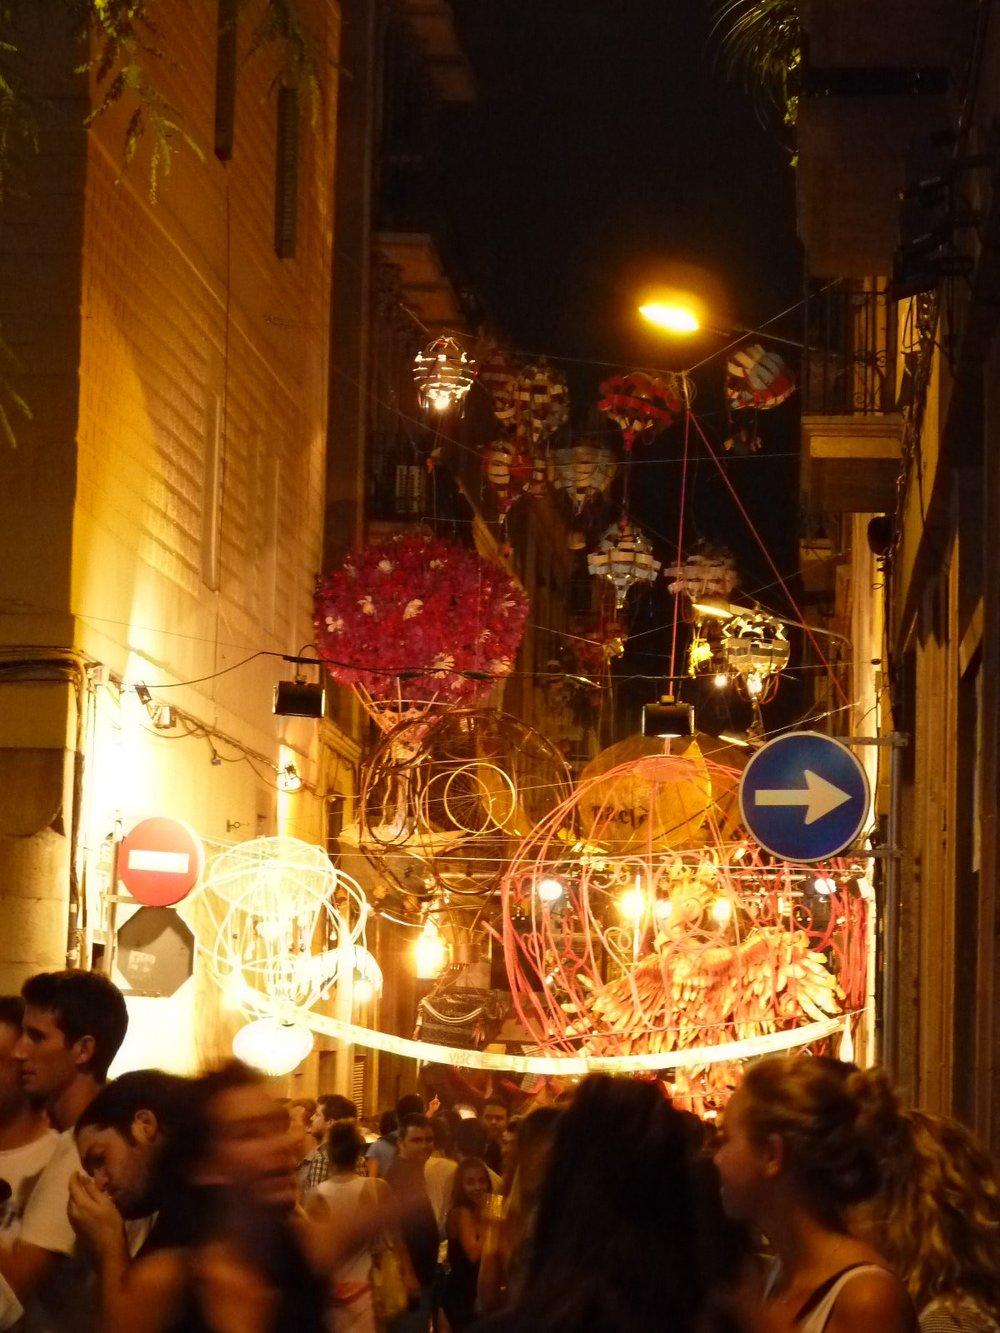 Festival-Gracia-Air-Baloon-Street1-e1383788706964.jpg